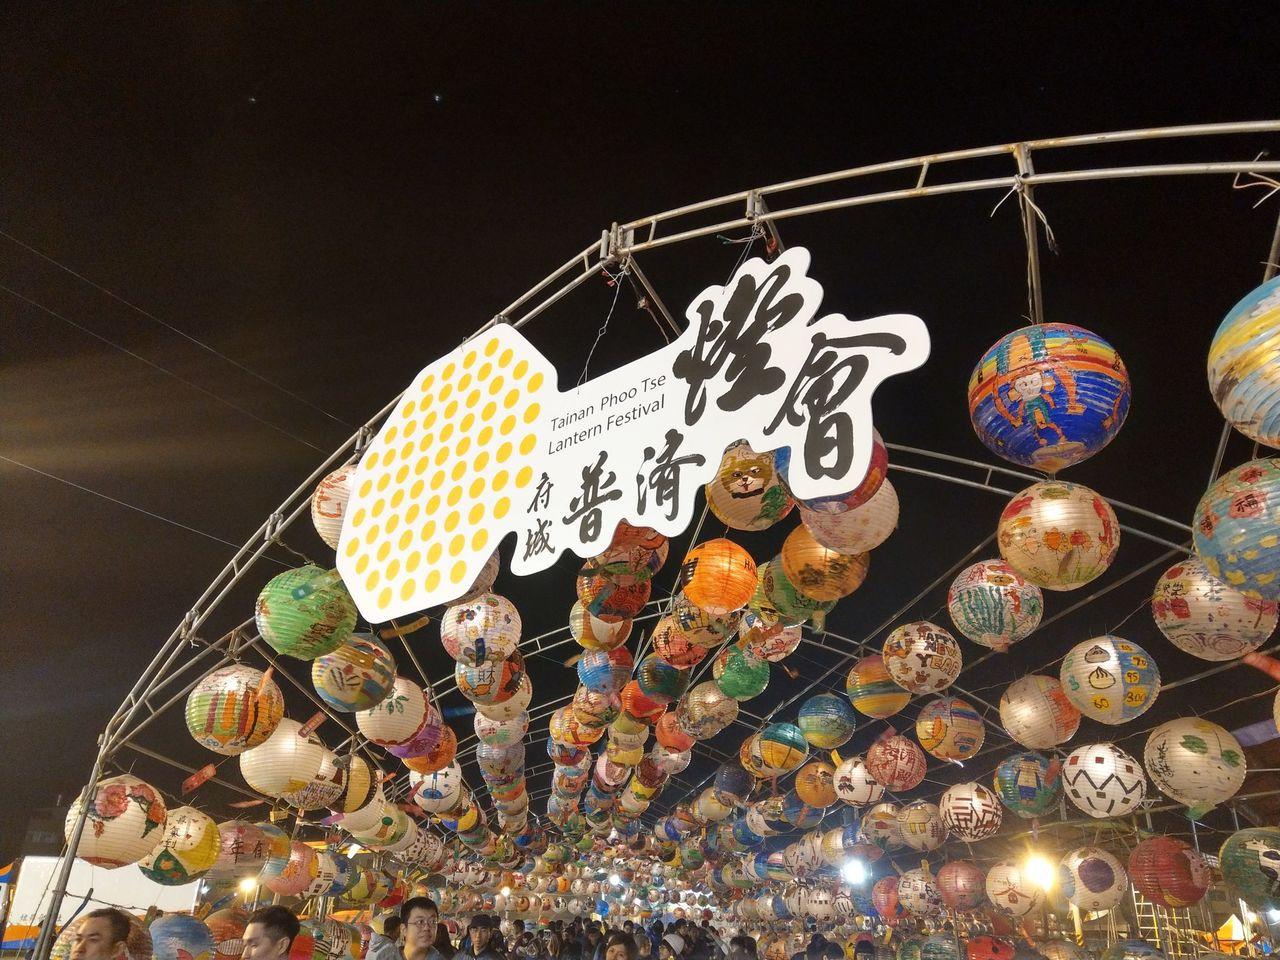 近來台南中西區普濟殿在花園夜市旁的燈會成了打卡熱門點,晚上漂亮的燈籠隧道,也成了...